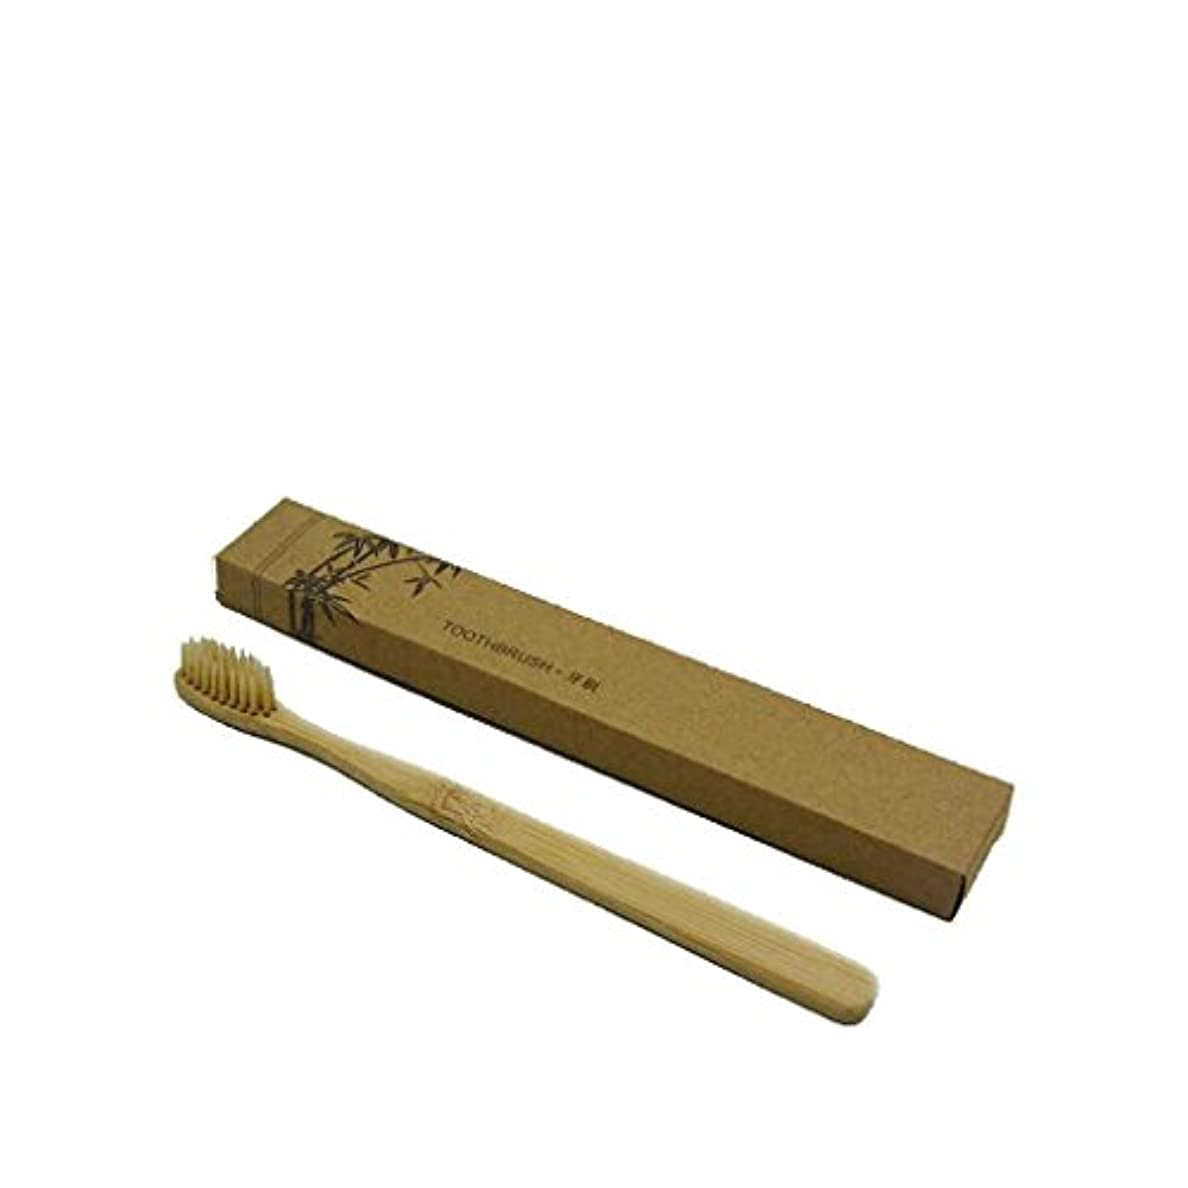 コンテンポラリー私たち自身頬LORIA?JP 竹の歯ブラシ 天然木 環境保護の歯ブラシ 柔らかい毛(ベージュ)